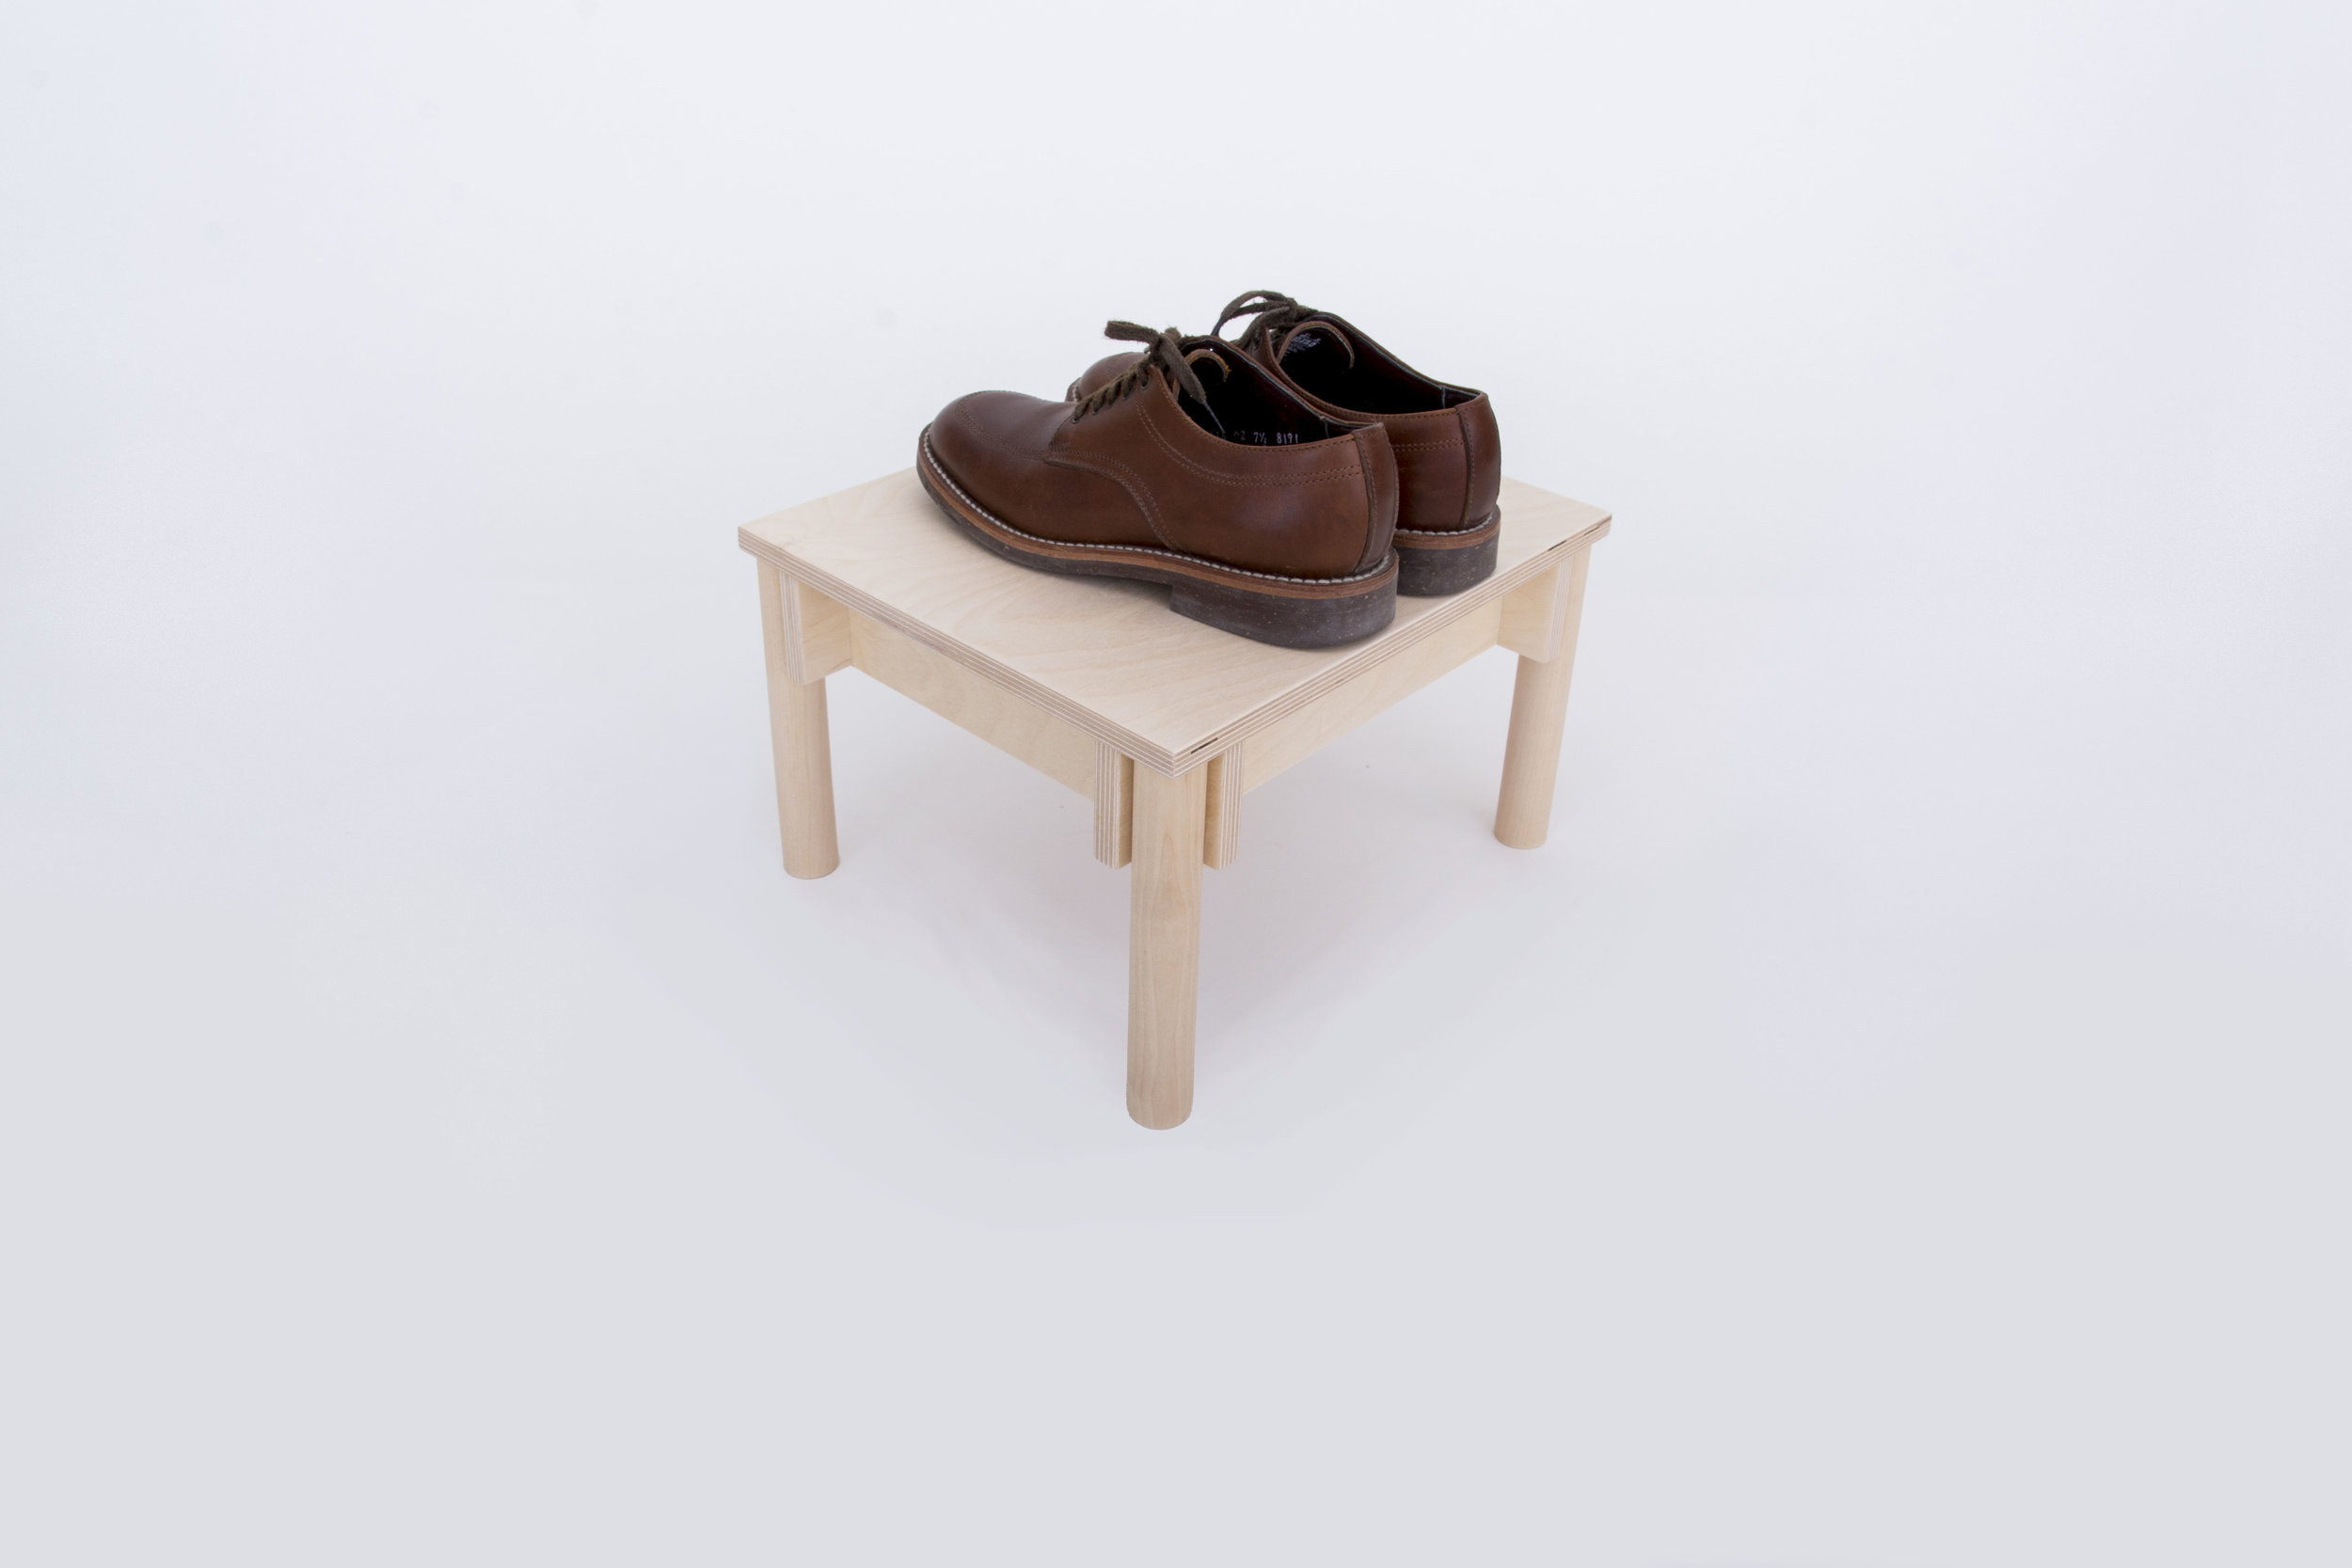 ta step stool 6.jpg